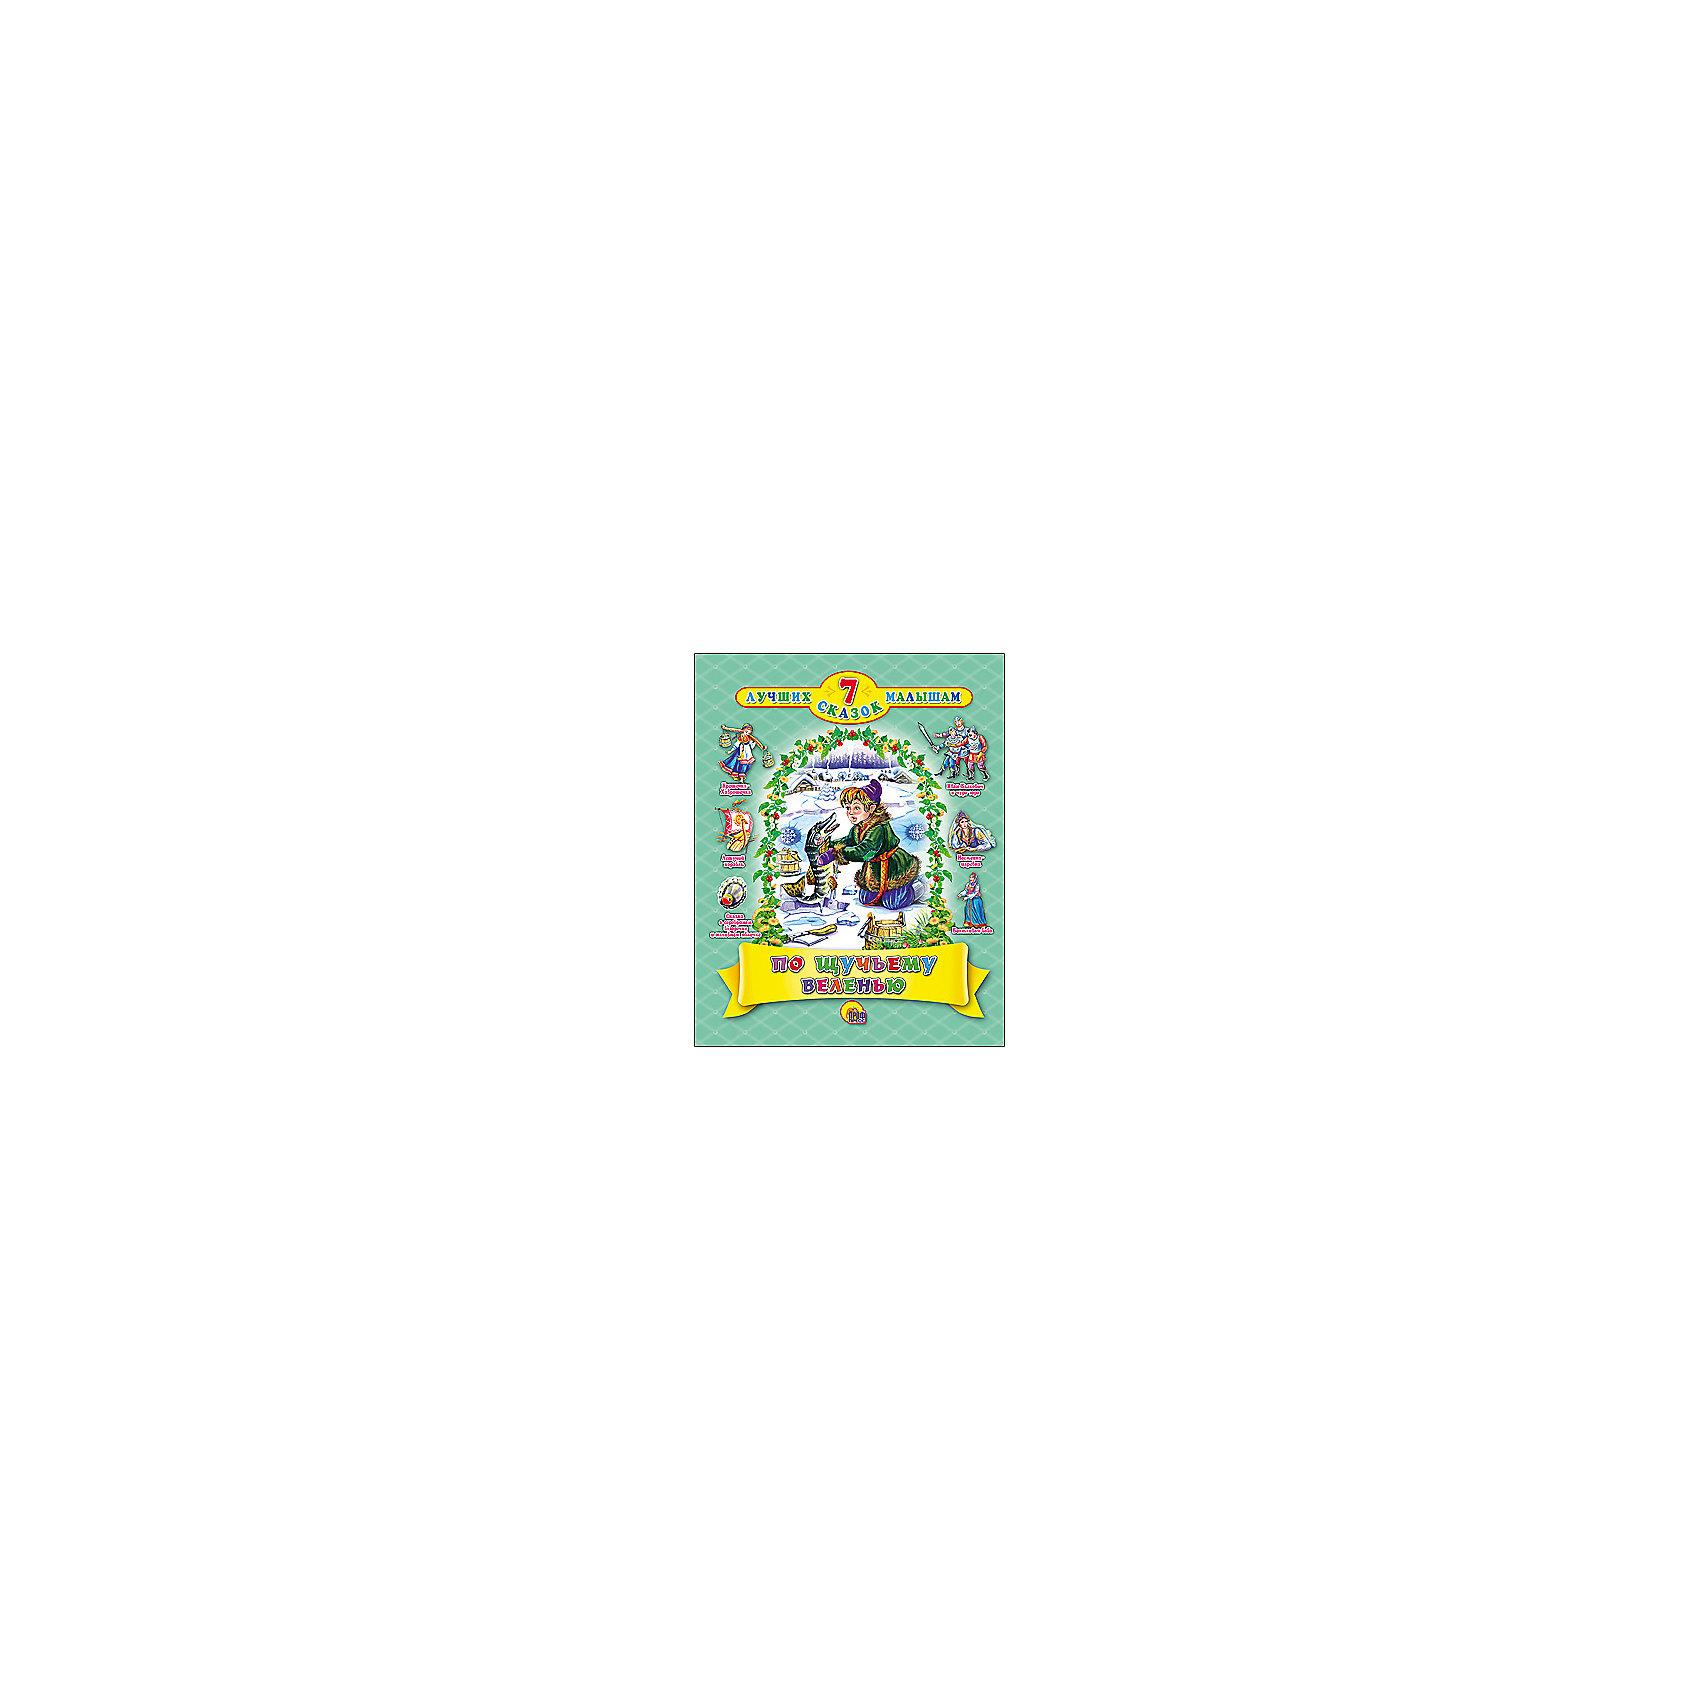 По щучьему веленью, 7 сказокРусские сказки<br>По щучьему веленью - красочная книга для малышей с 7 интересными сказками.  Малыш познакомится с Емелей, щукой и узнает что такое летучий корабль и почему известную царевну назвали Несмеяной. Эта книга обязательно должна быть в библиотеке маленького читателя!<br>Содержание: По щучьему велению, Летучий корабль, Несмеяна-царевна, Крошечка-Хаврошечка, Иван Быкович и чудо-юдо, Сказка о серебряном блюдечке и яблочке, Болтливая баба<br>Дополнительная информация:<br>Издательство: Проф-Пресс<br>Год выпуска: 2016<br>Серия: 7 лучших сказок малышам<br>Обложка: твердый переплет<br>Иллюстрации: цветные<br>Количество страниц: 80<br>ISBN:978-5-378-19968-6<br>Размер: 19х1х20 см<br>Вес: 310 грамм<br>Книгу По щучьему веленью можно купить в нашем интернет-магазине.<br><br>Ширина мм: 200<br>Глубина мм: 10<br>Высота мм: 190<br>Вес г: 310<br>Возраст от месяцев: 0<br>Возраст до месяцев: 36<br>Пол: Унисекс<br>Возраст: Детский<br>SKU: 4905879